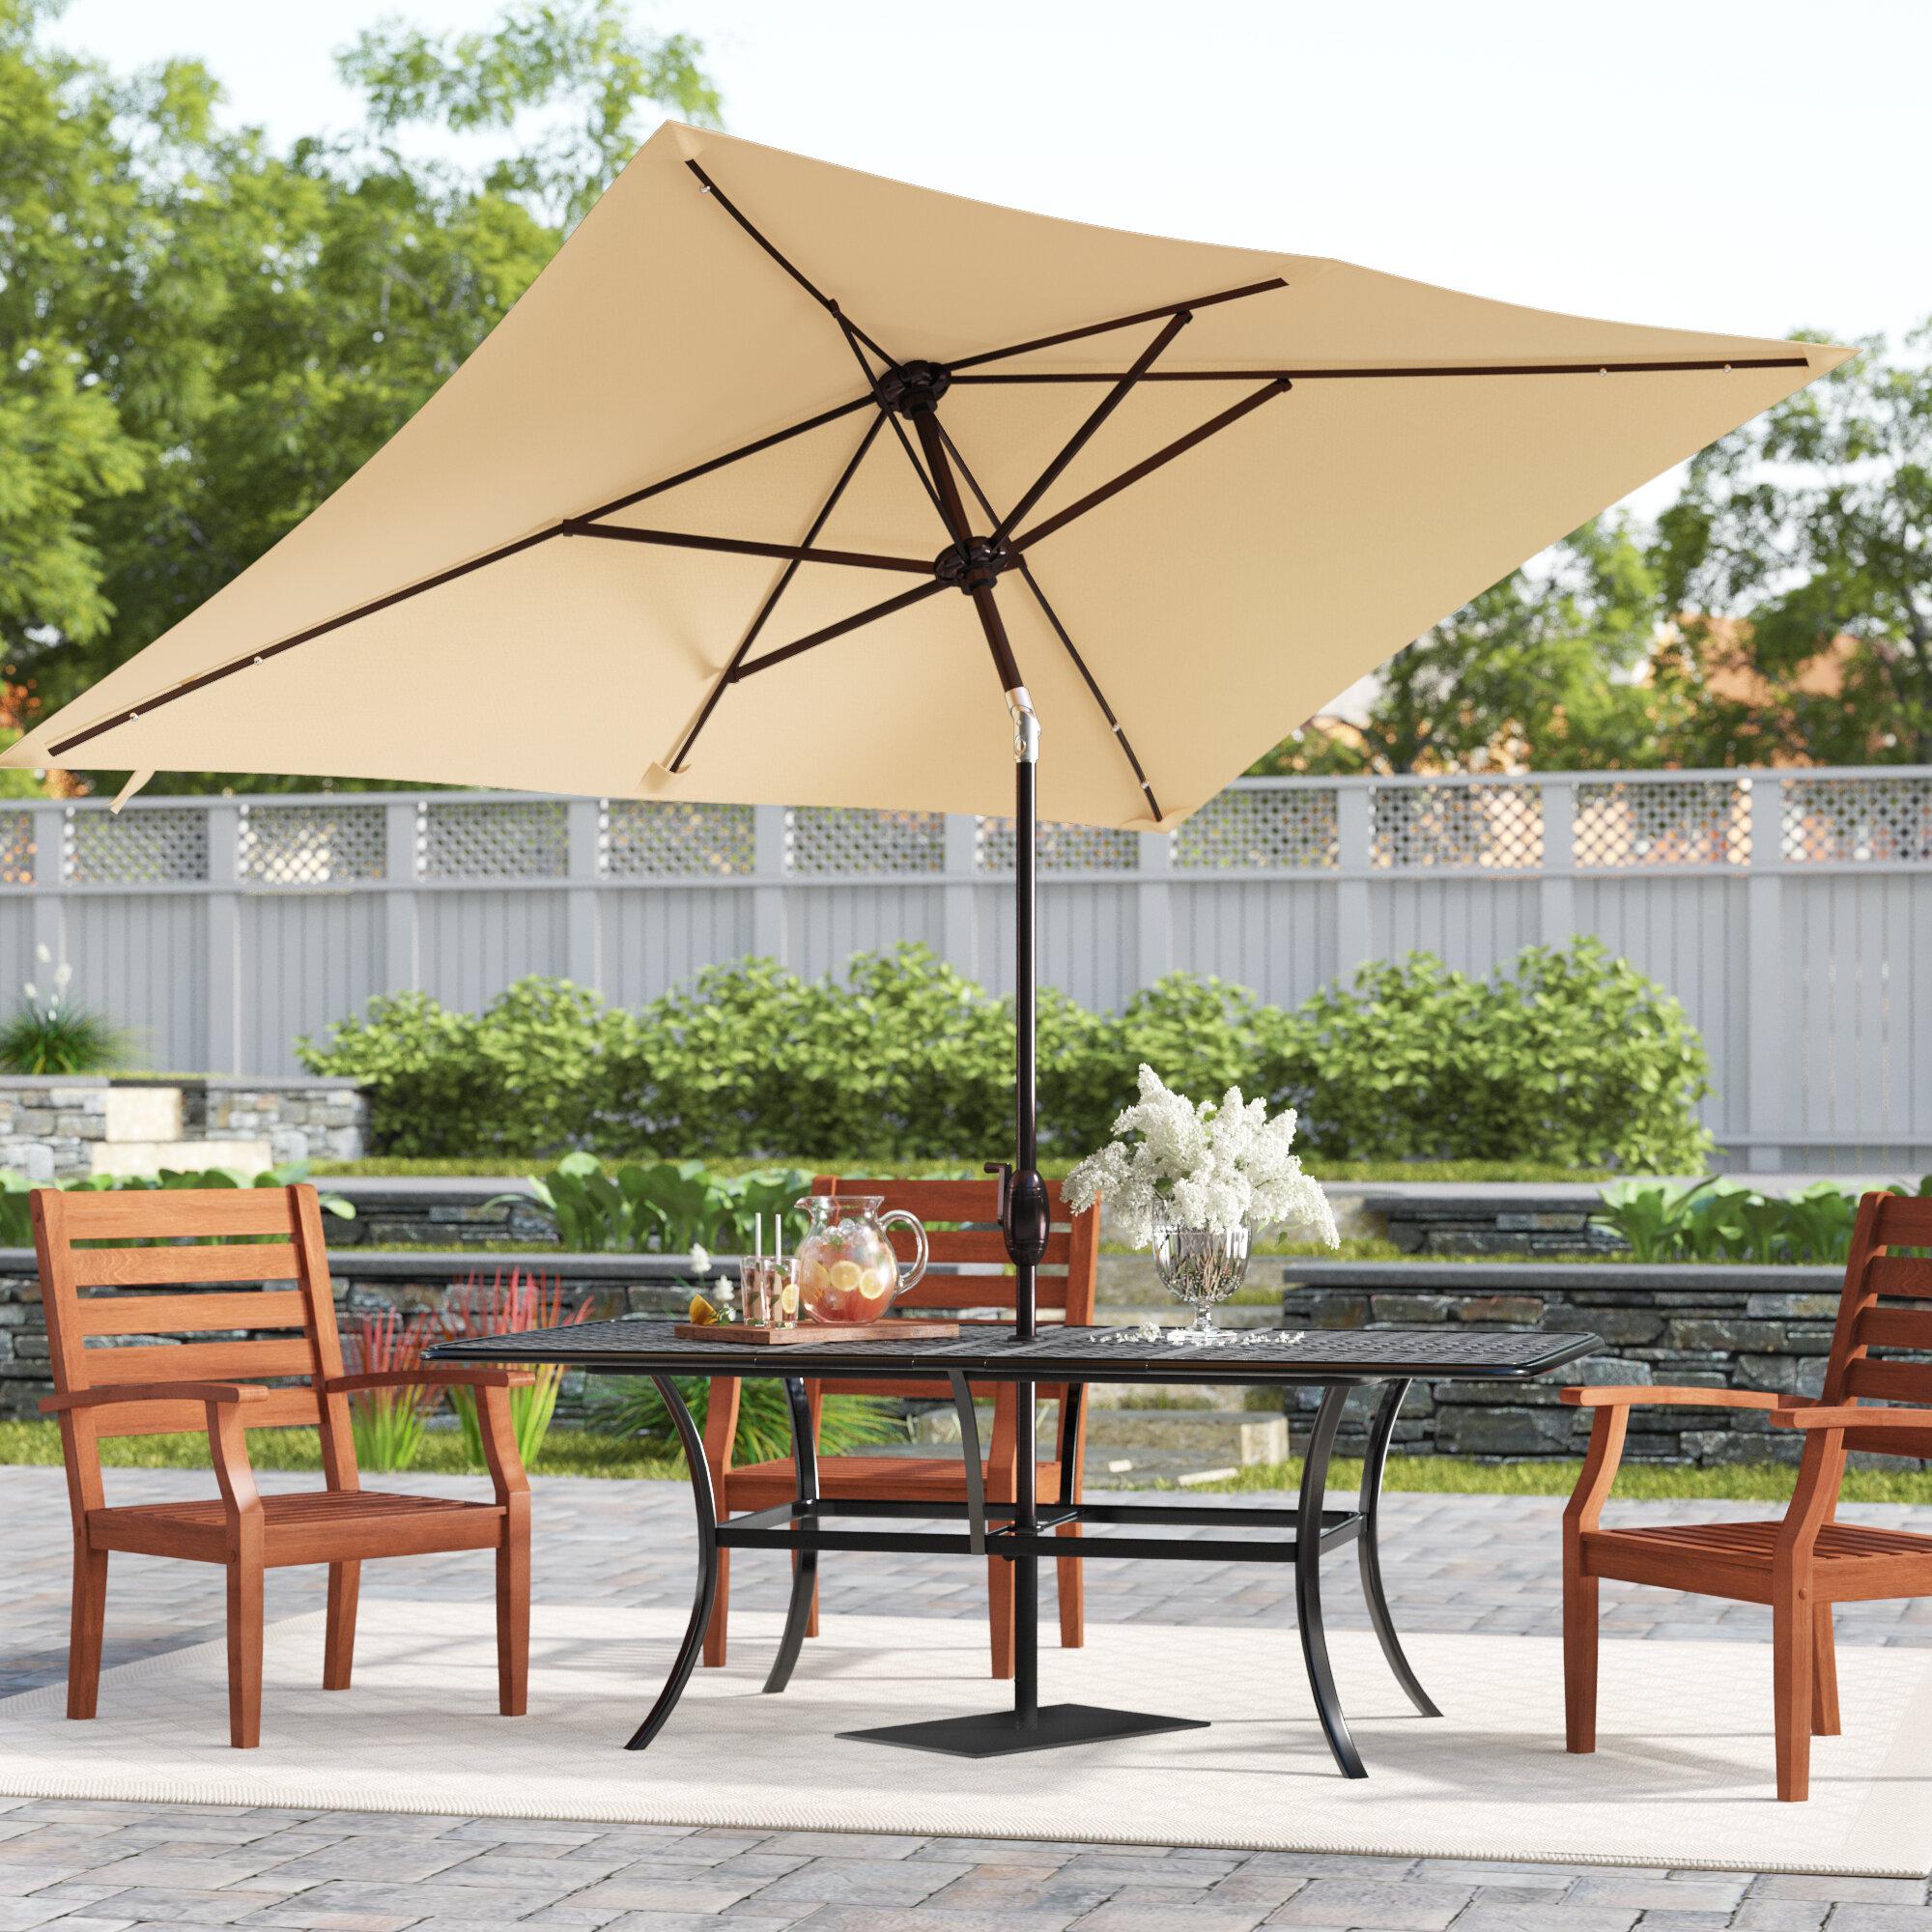 7eeb7e1f3f6d Jerrell 10' x 7' Rectangular Market Umbrella